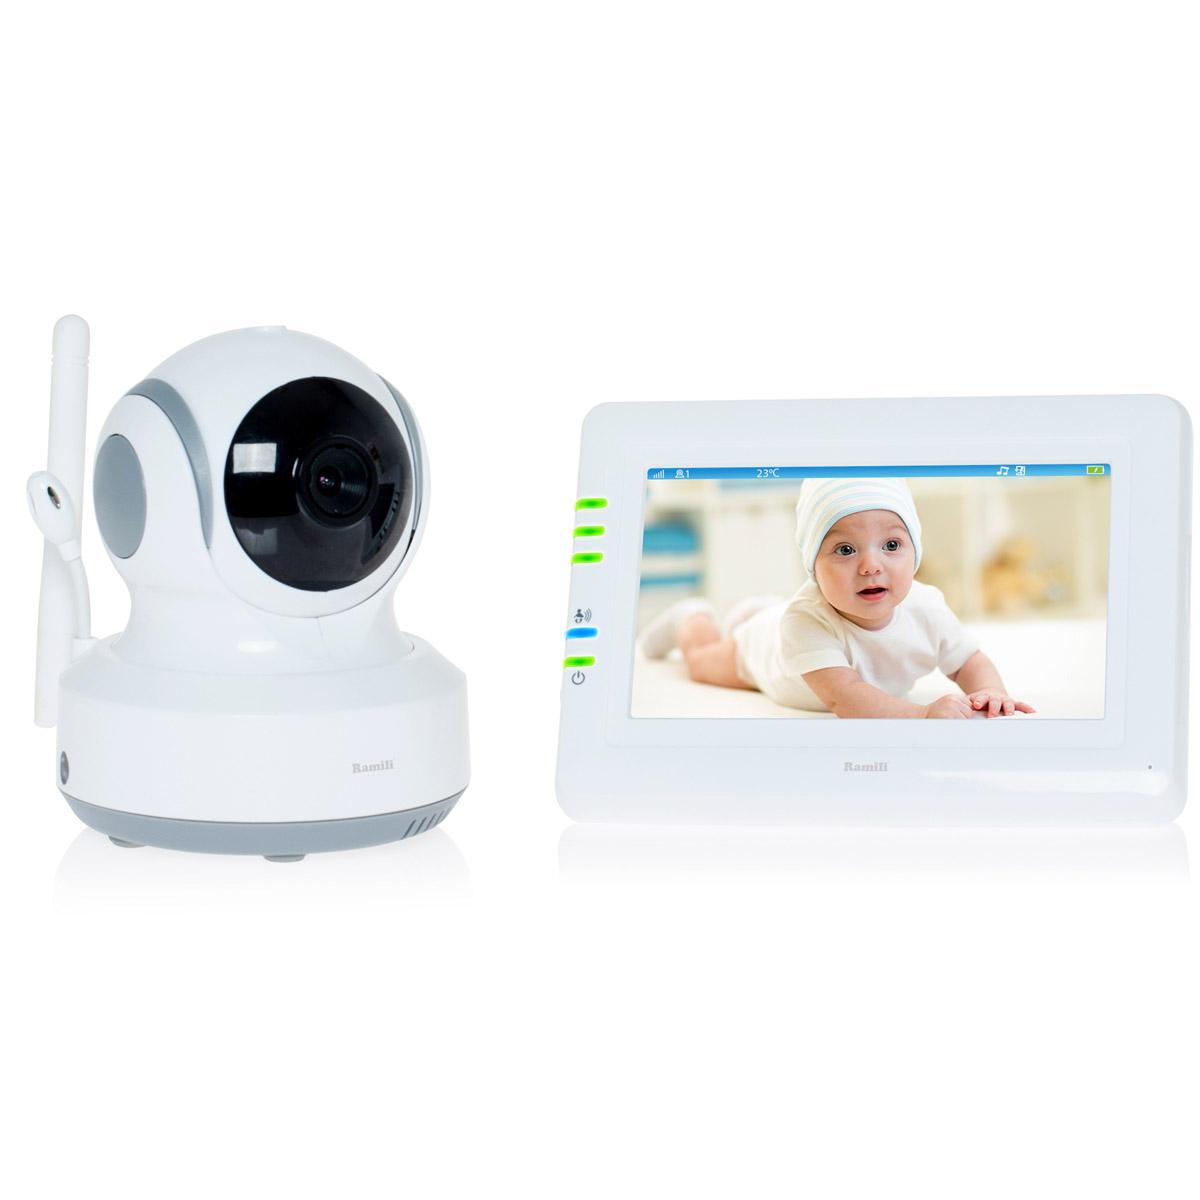 Видеоняня Ramili Baby Видеоняня Ramili Baby RV900<br>